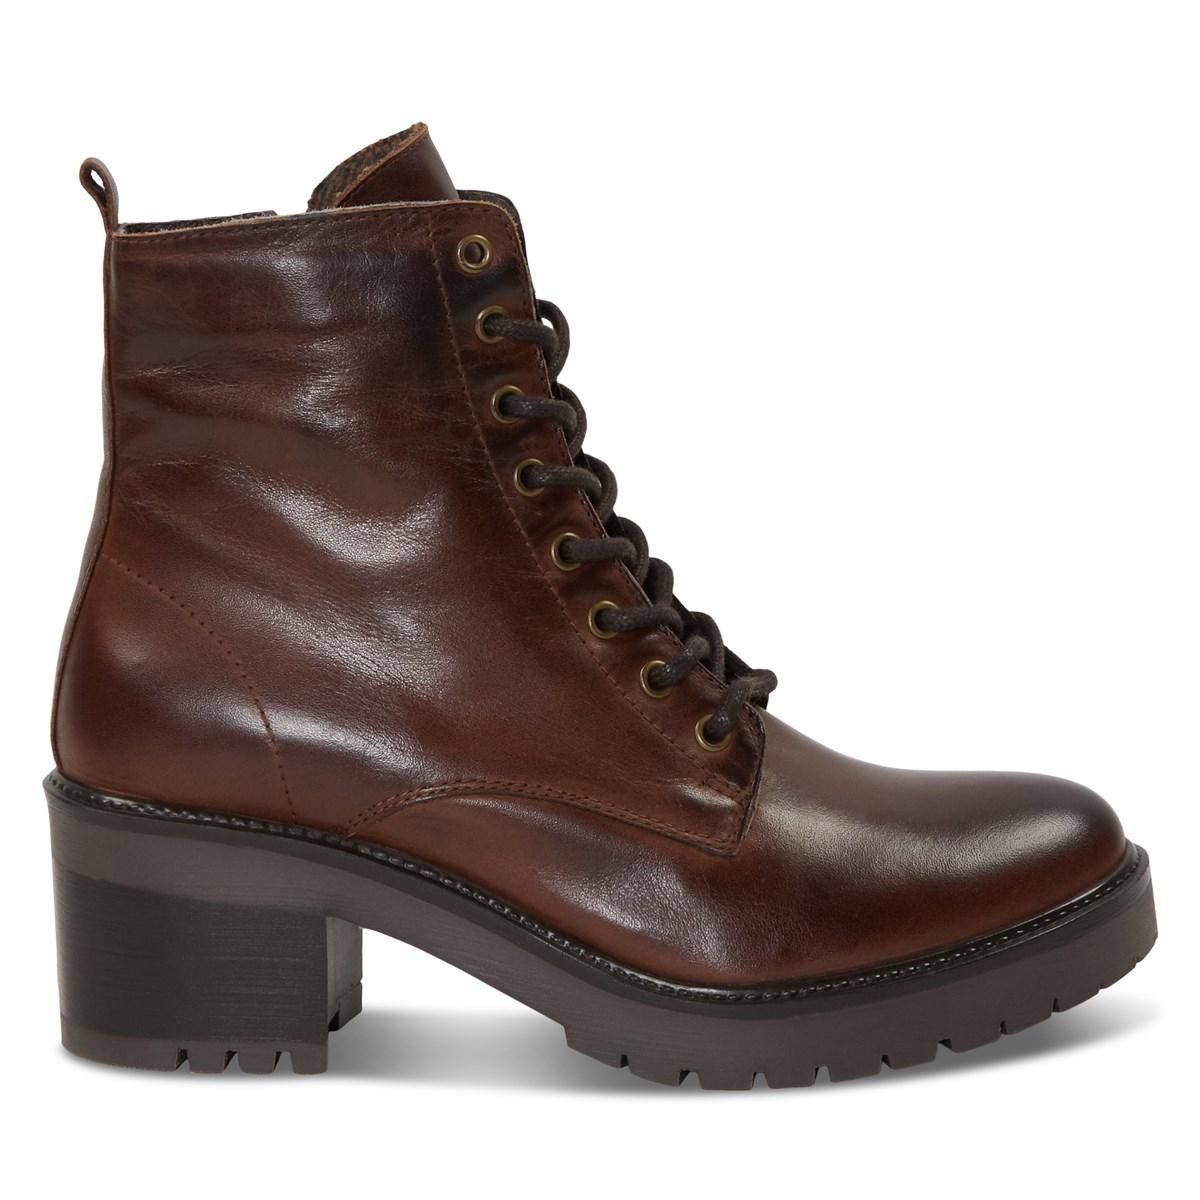 Women's Yasmine Ankle Boots in Dark Brown